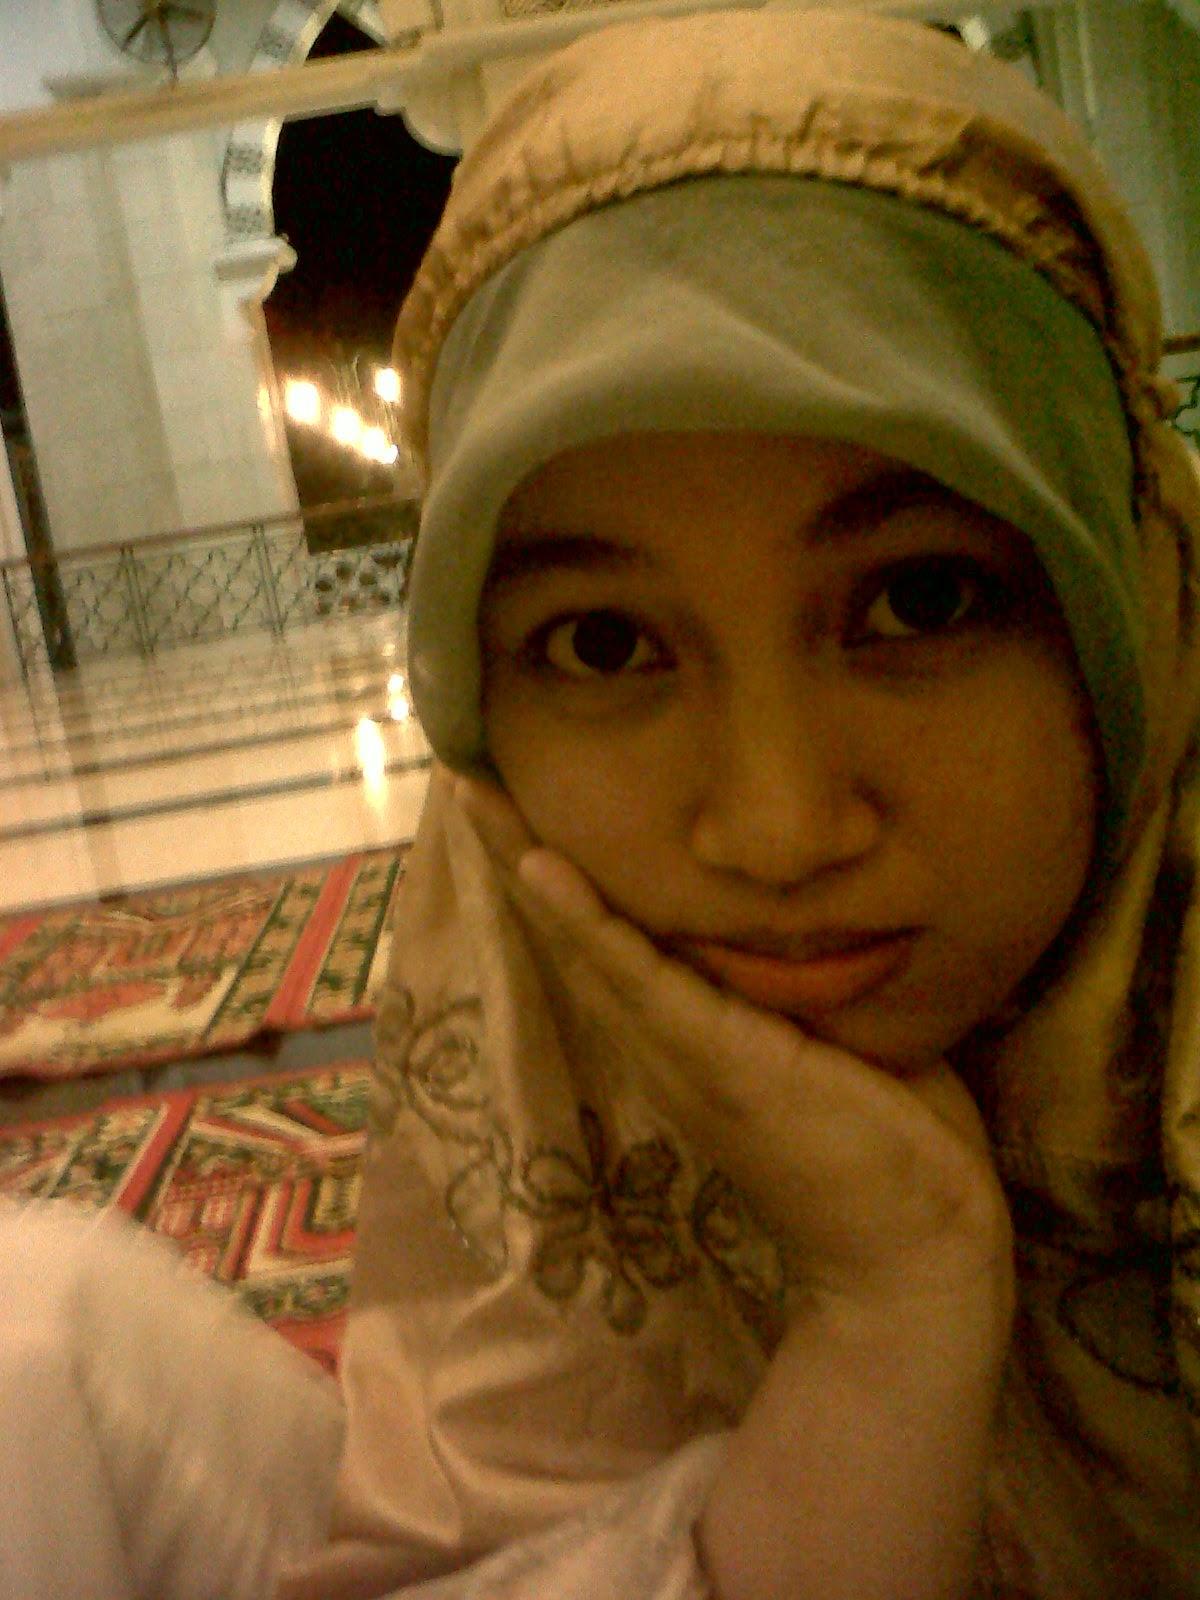 cewek berjilbab, jilbab, wanita berjilbab,jilbab cantik